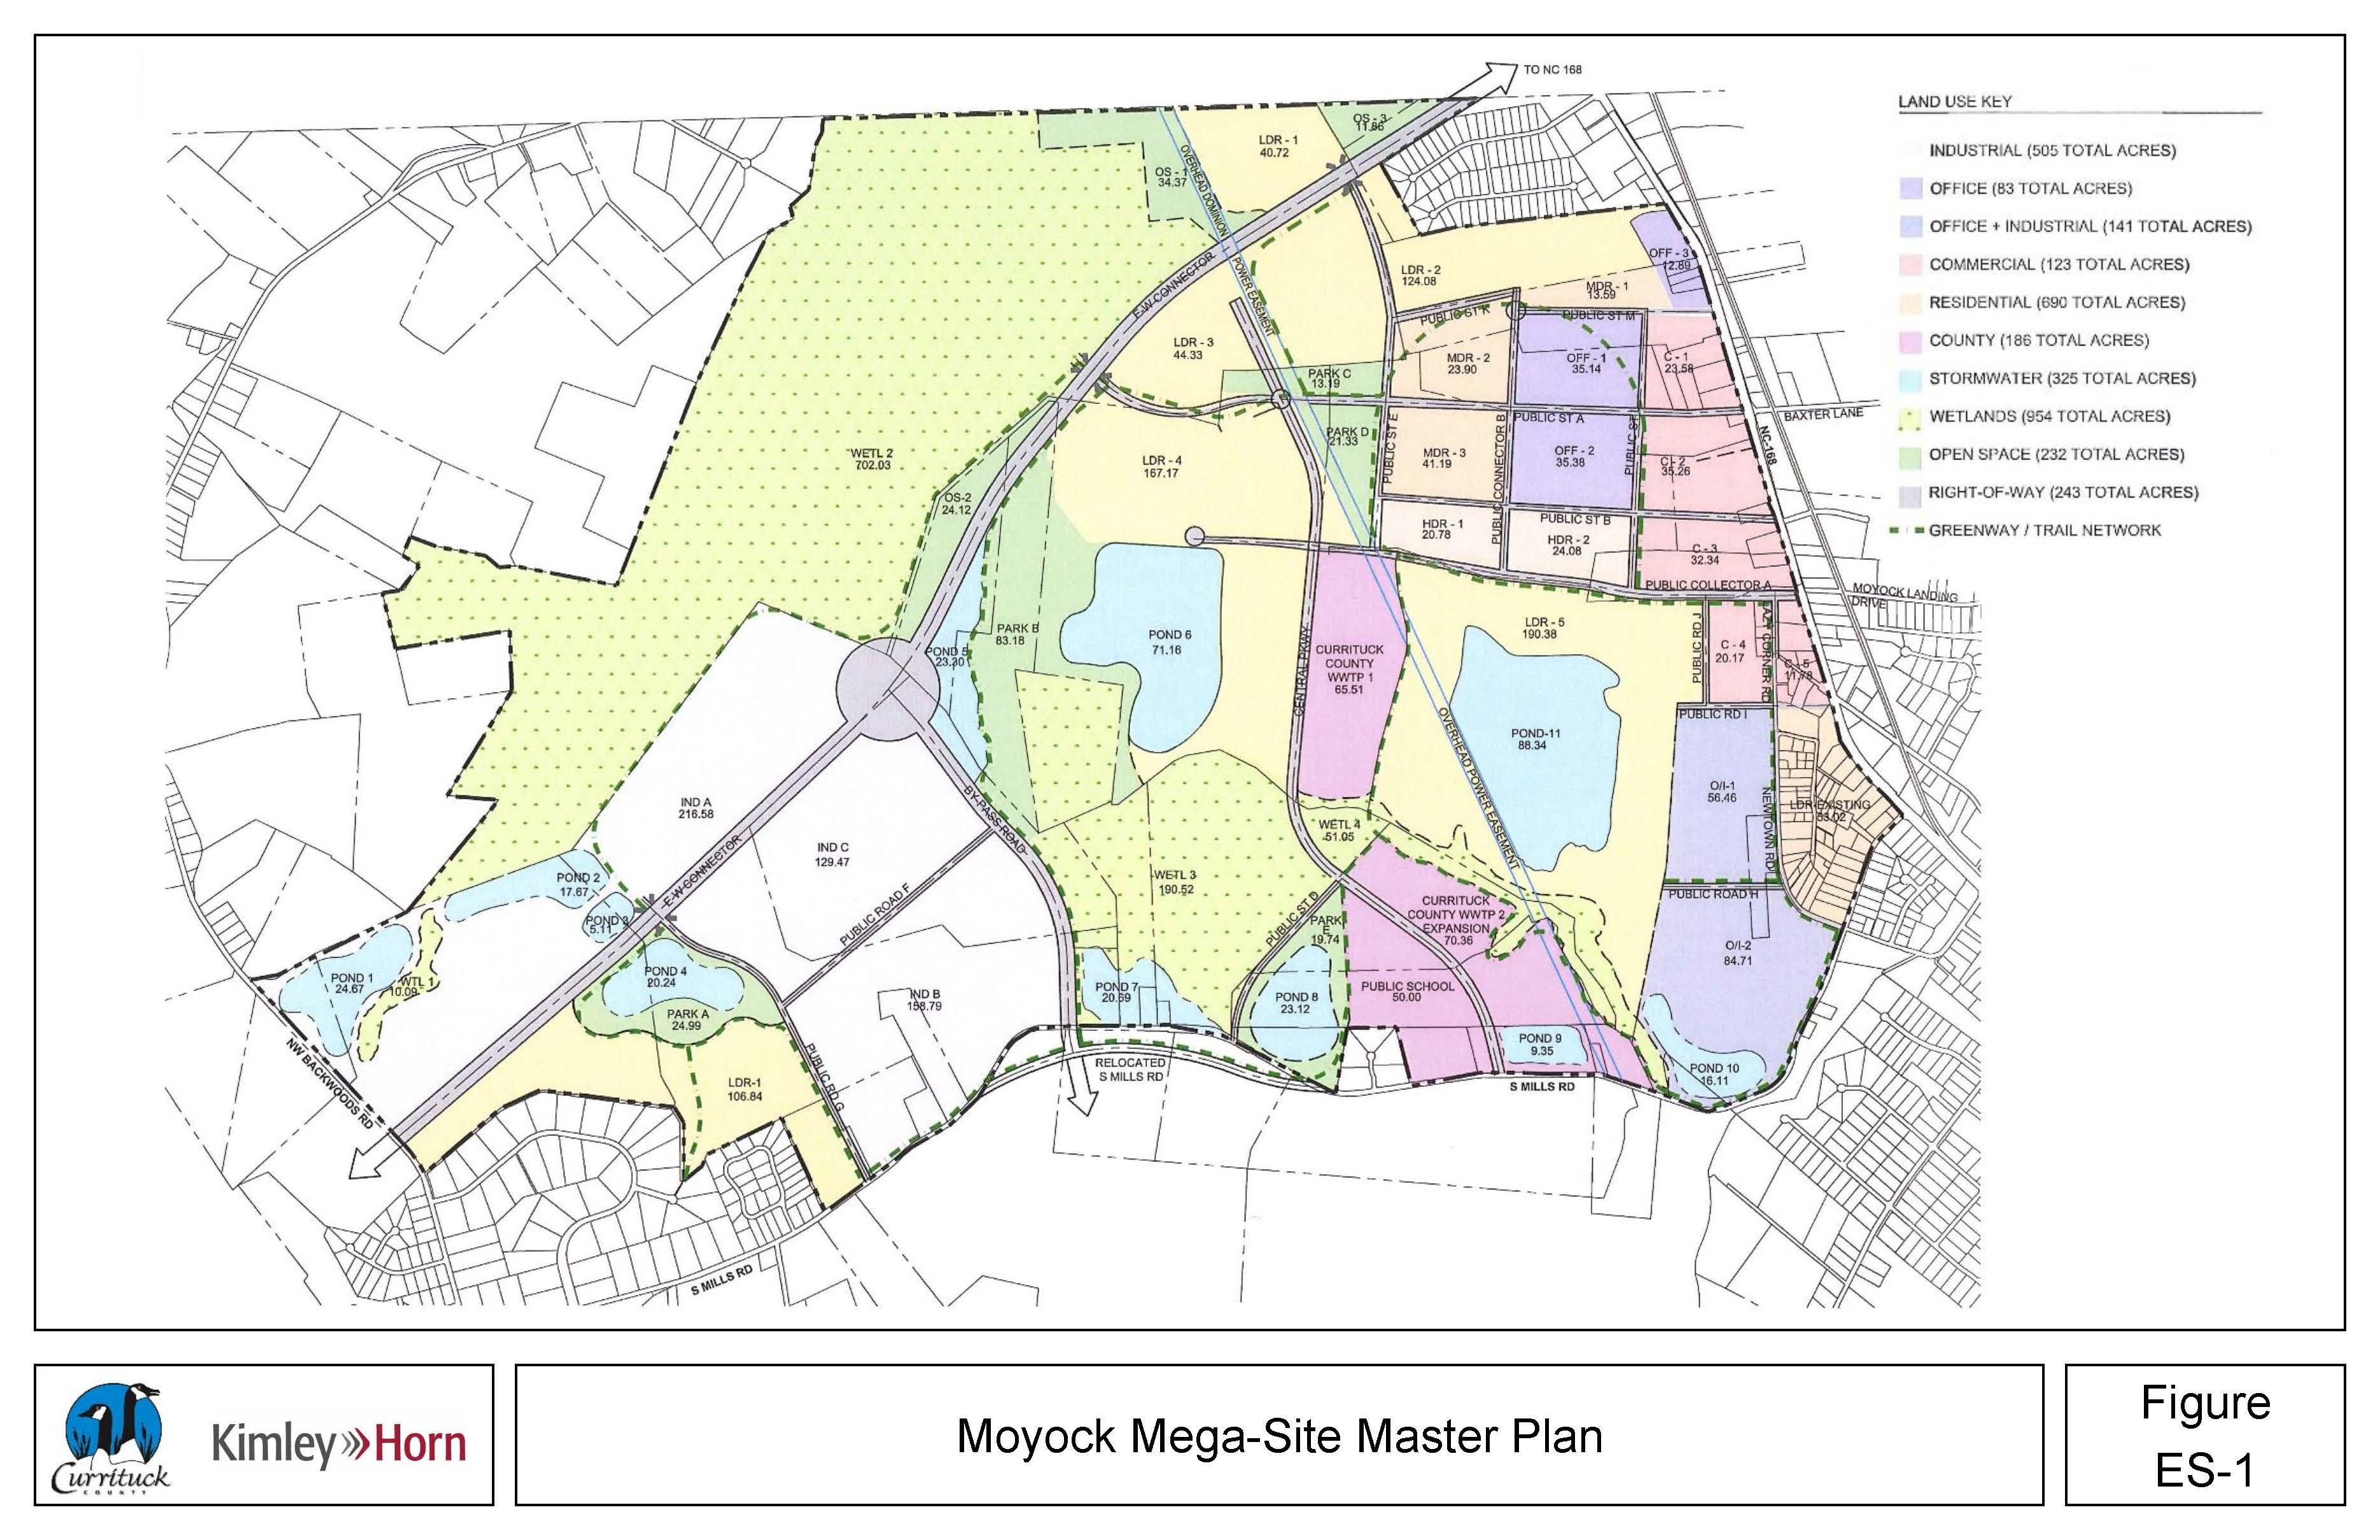 Moyock-Megasite-Master-Plan.jpg